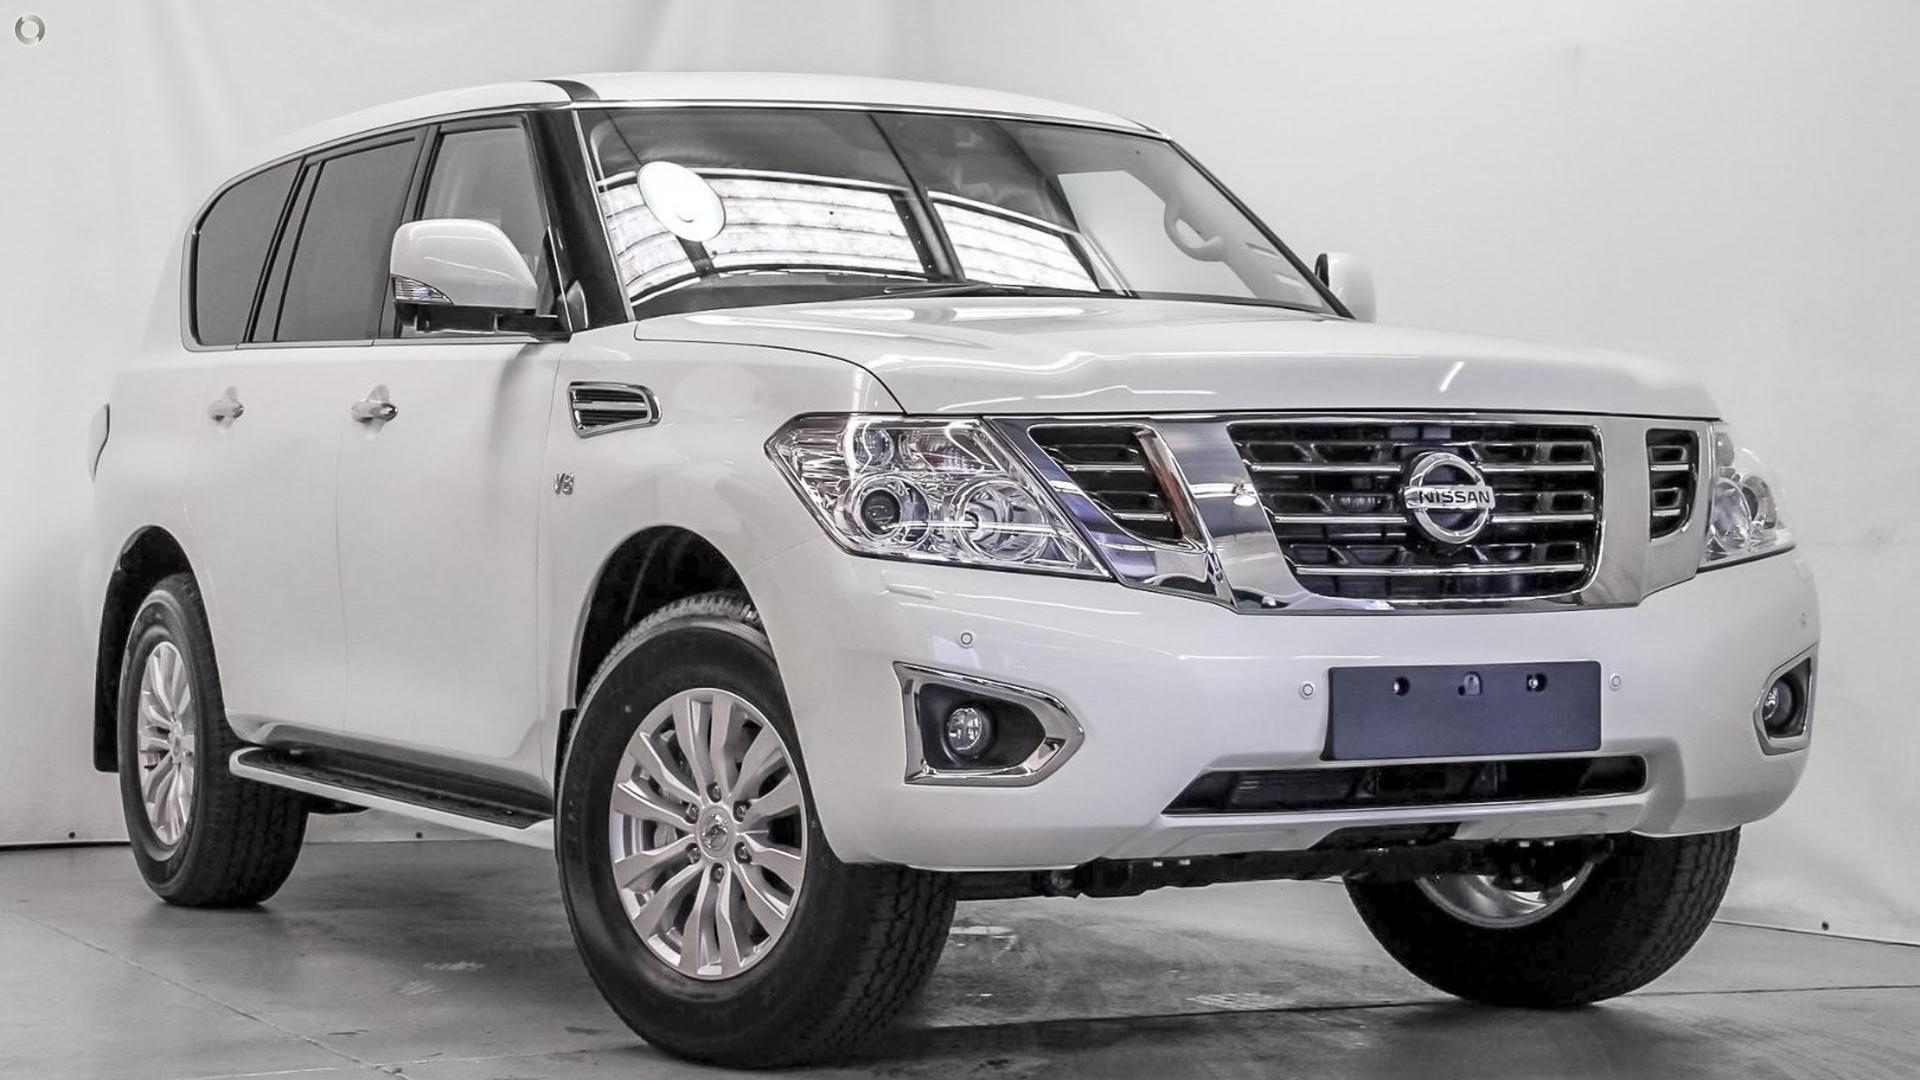 2019 Nissan Patrol Y62 Series 4